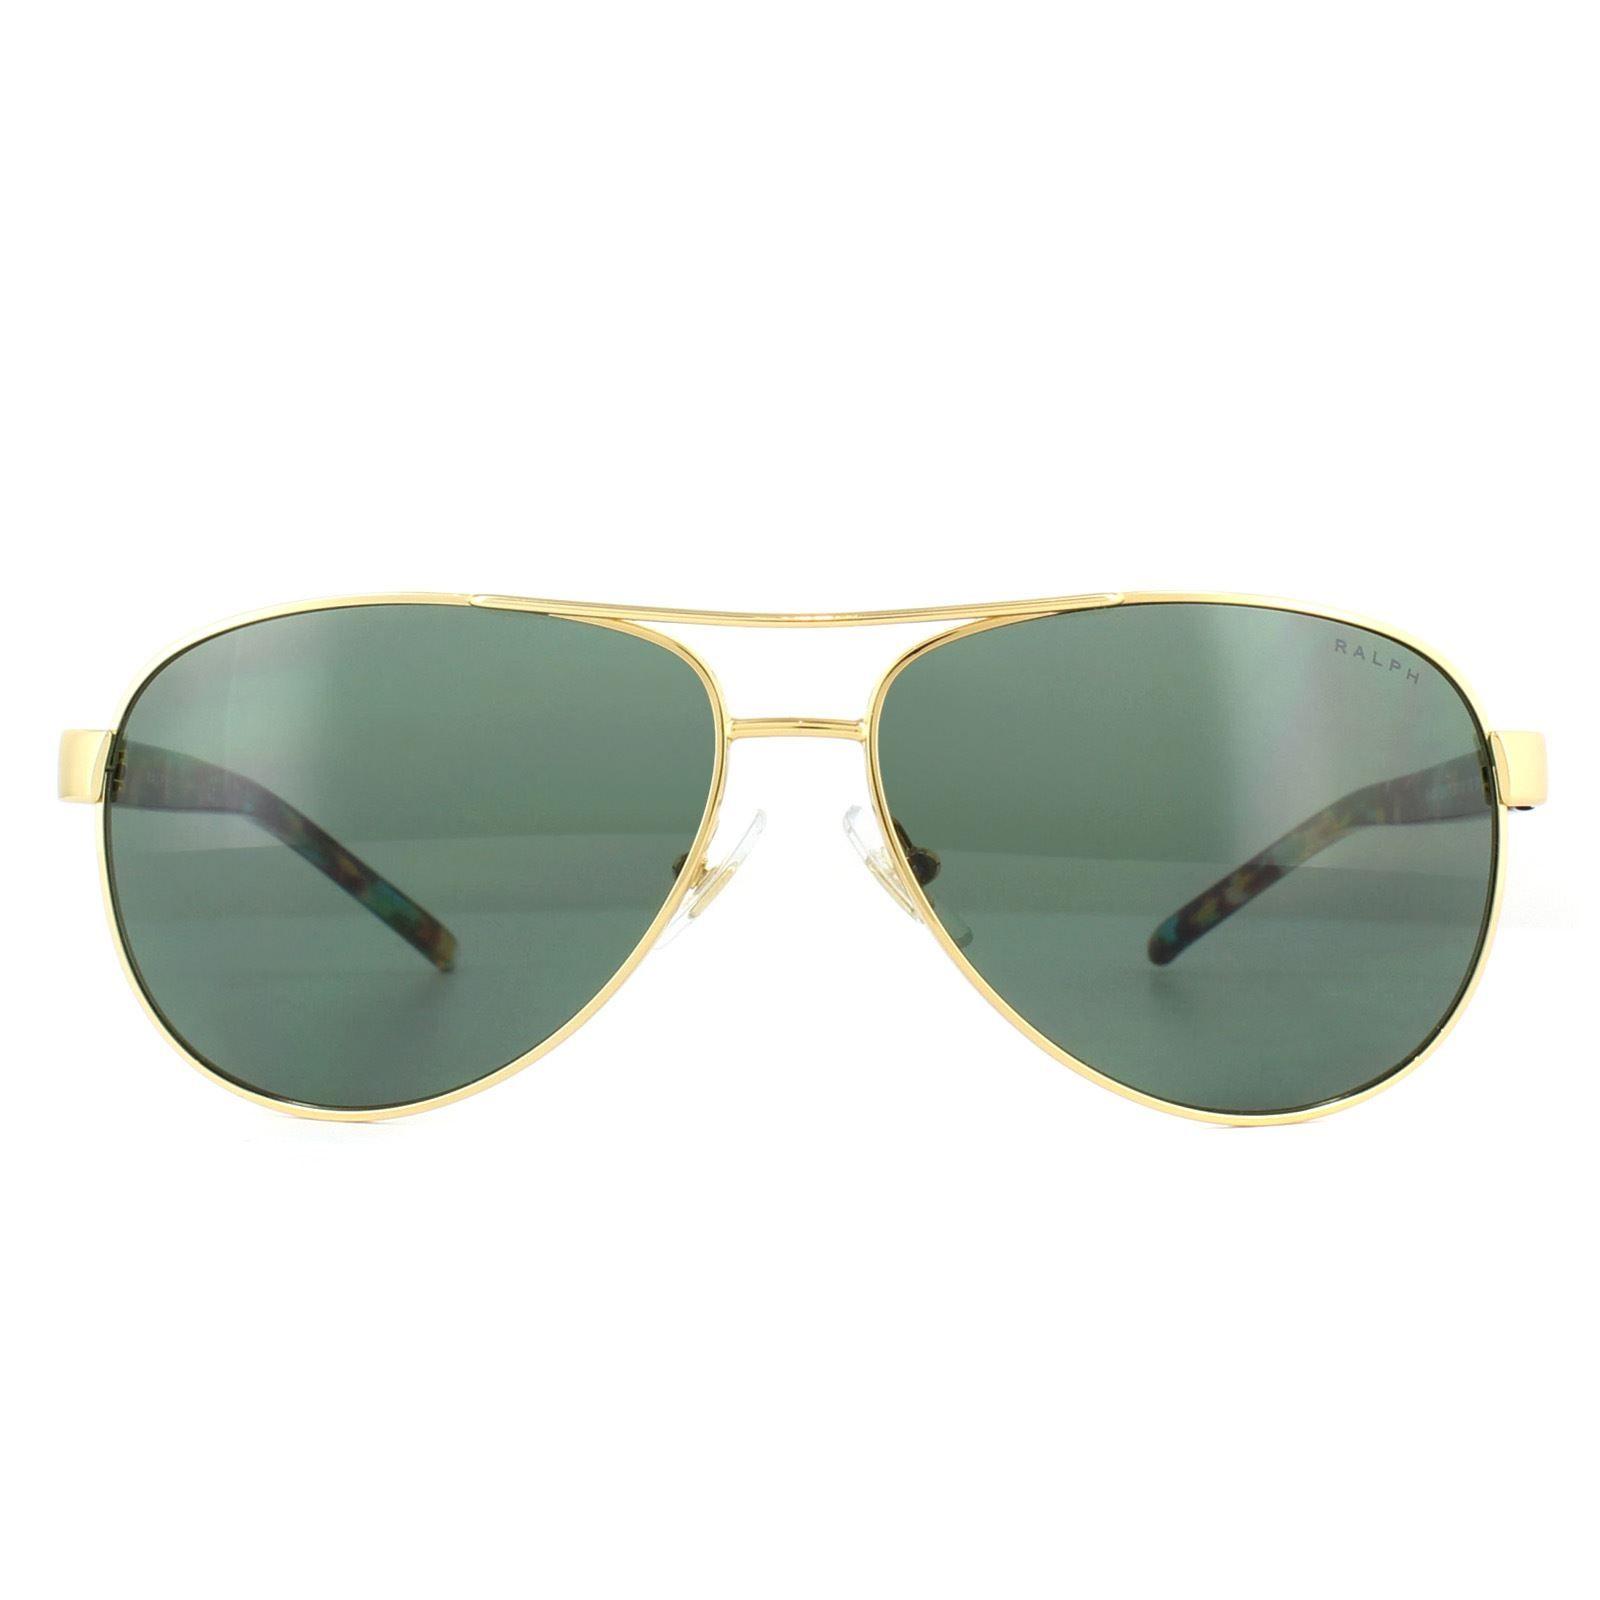 Ralph by Ralph Lauren Sunglasses 4004 900471 Gold Coloured Havana Green